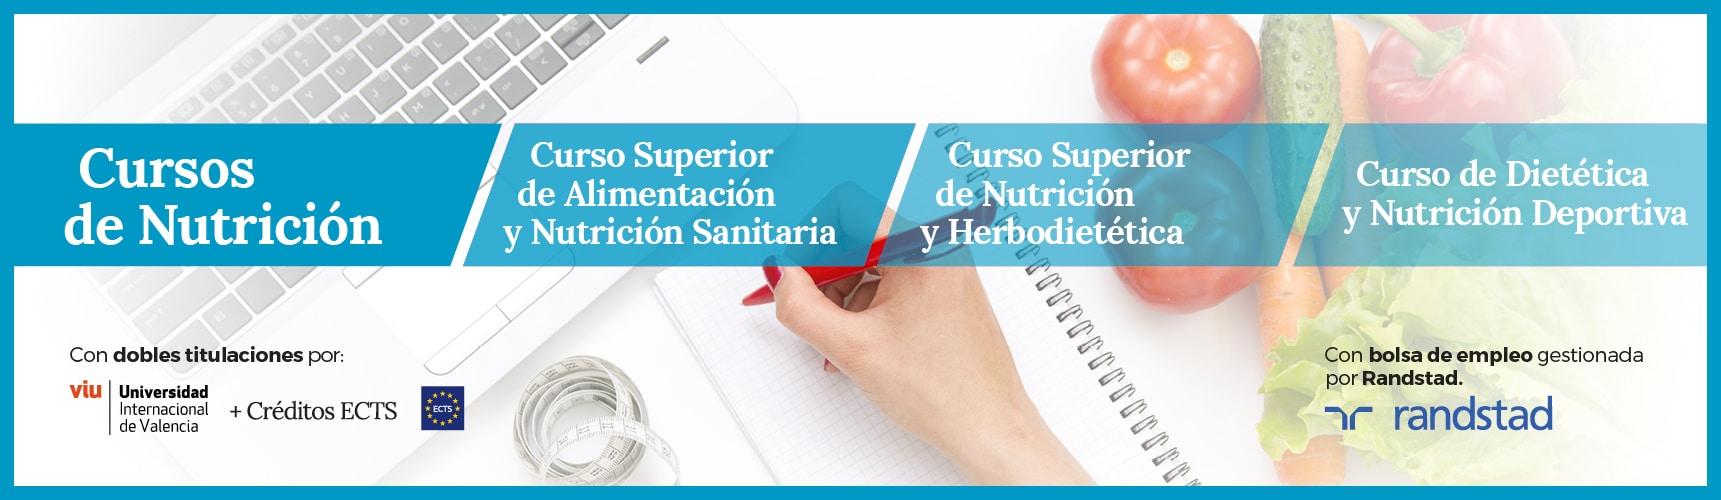 Cursos de nutrición en Deusto Salud